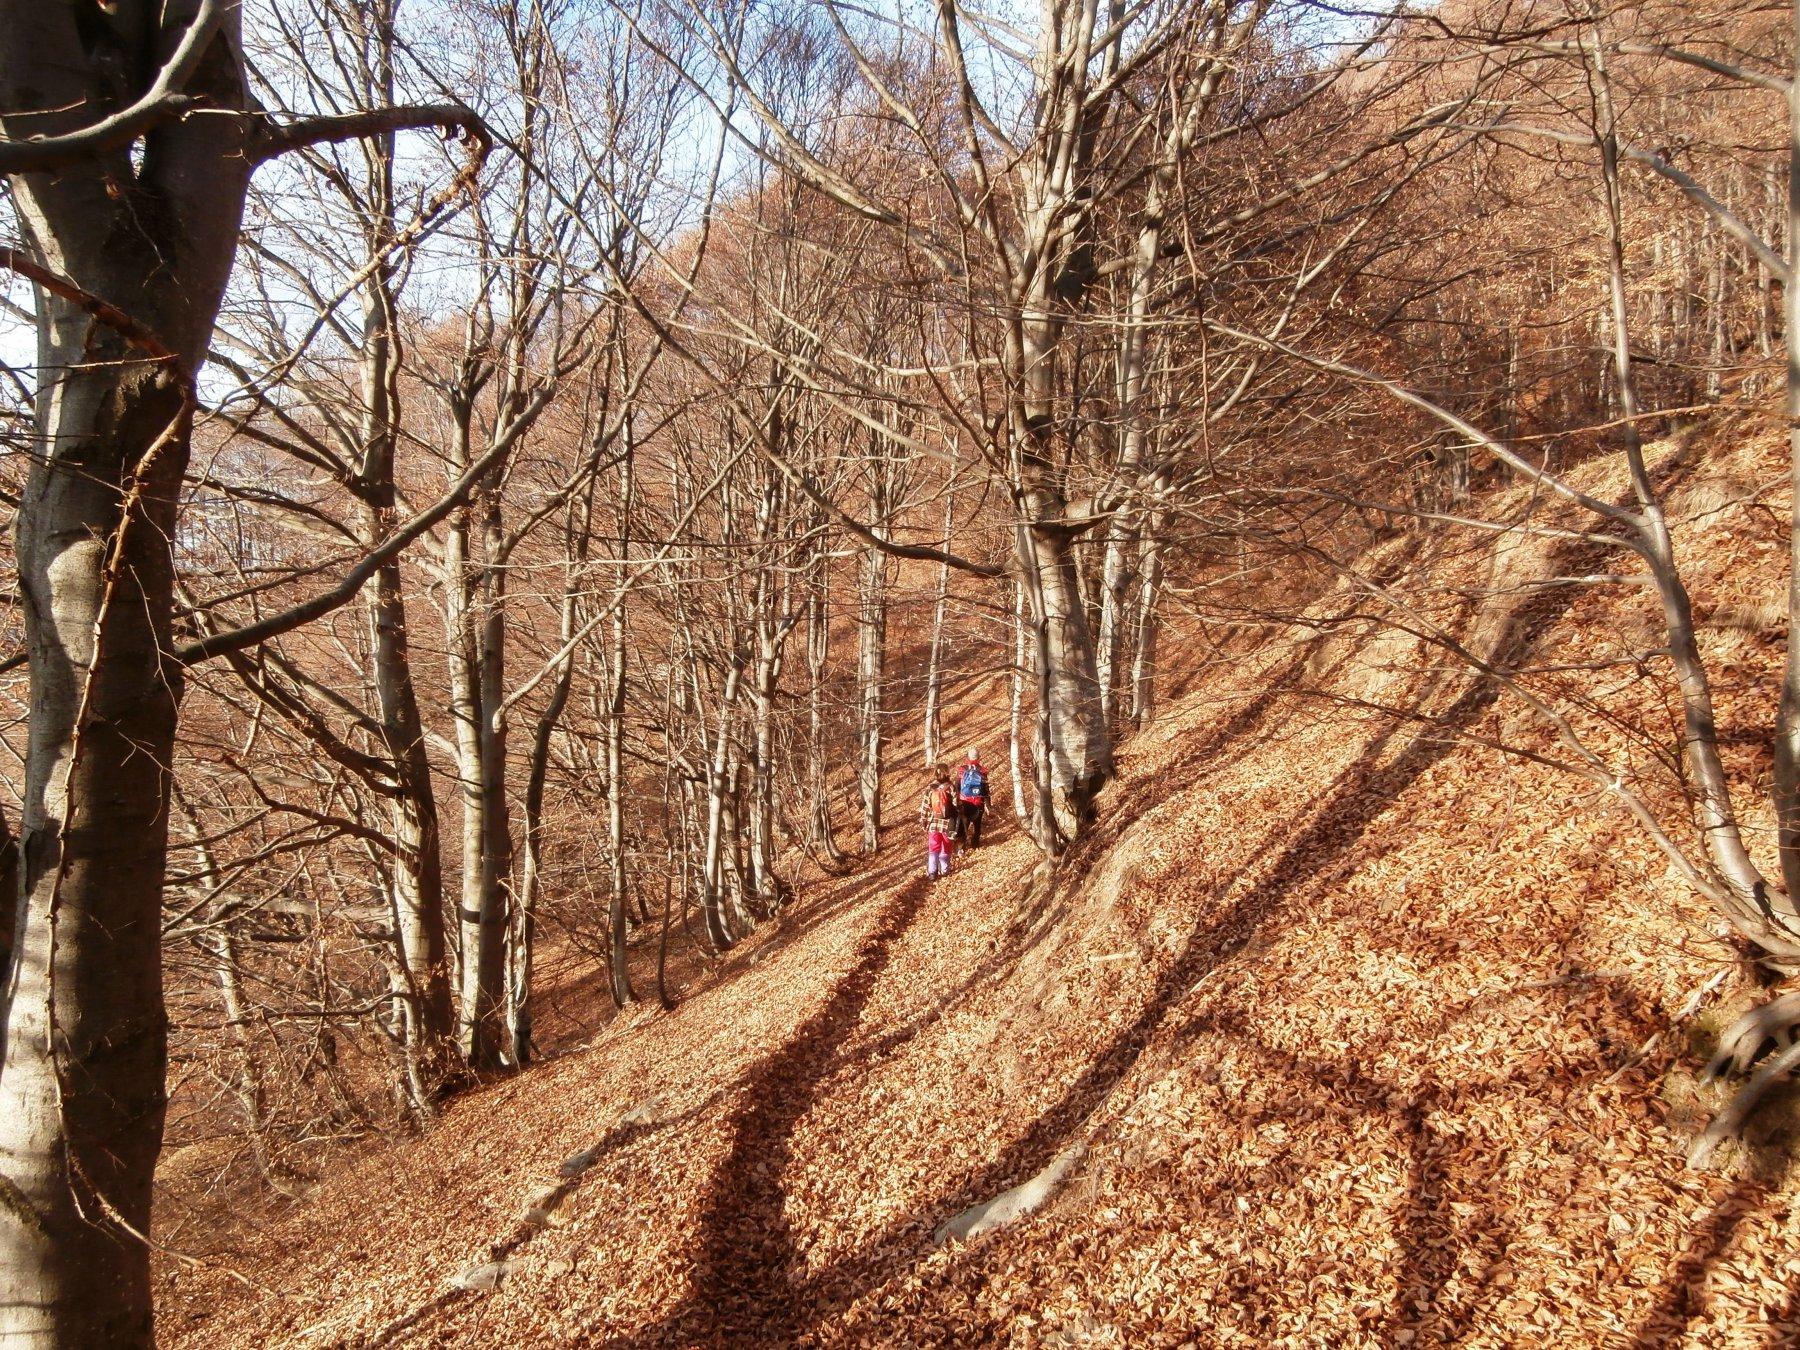 Alpet (Monte) da Prà di Roburent 2015-12-29